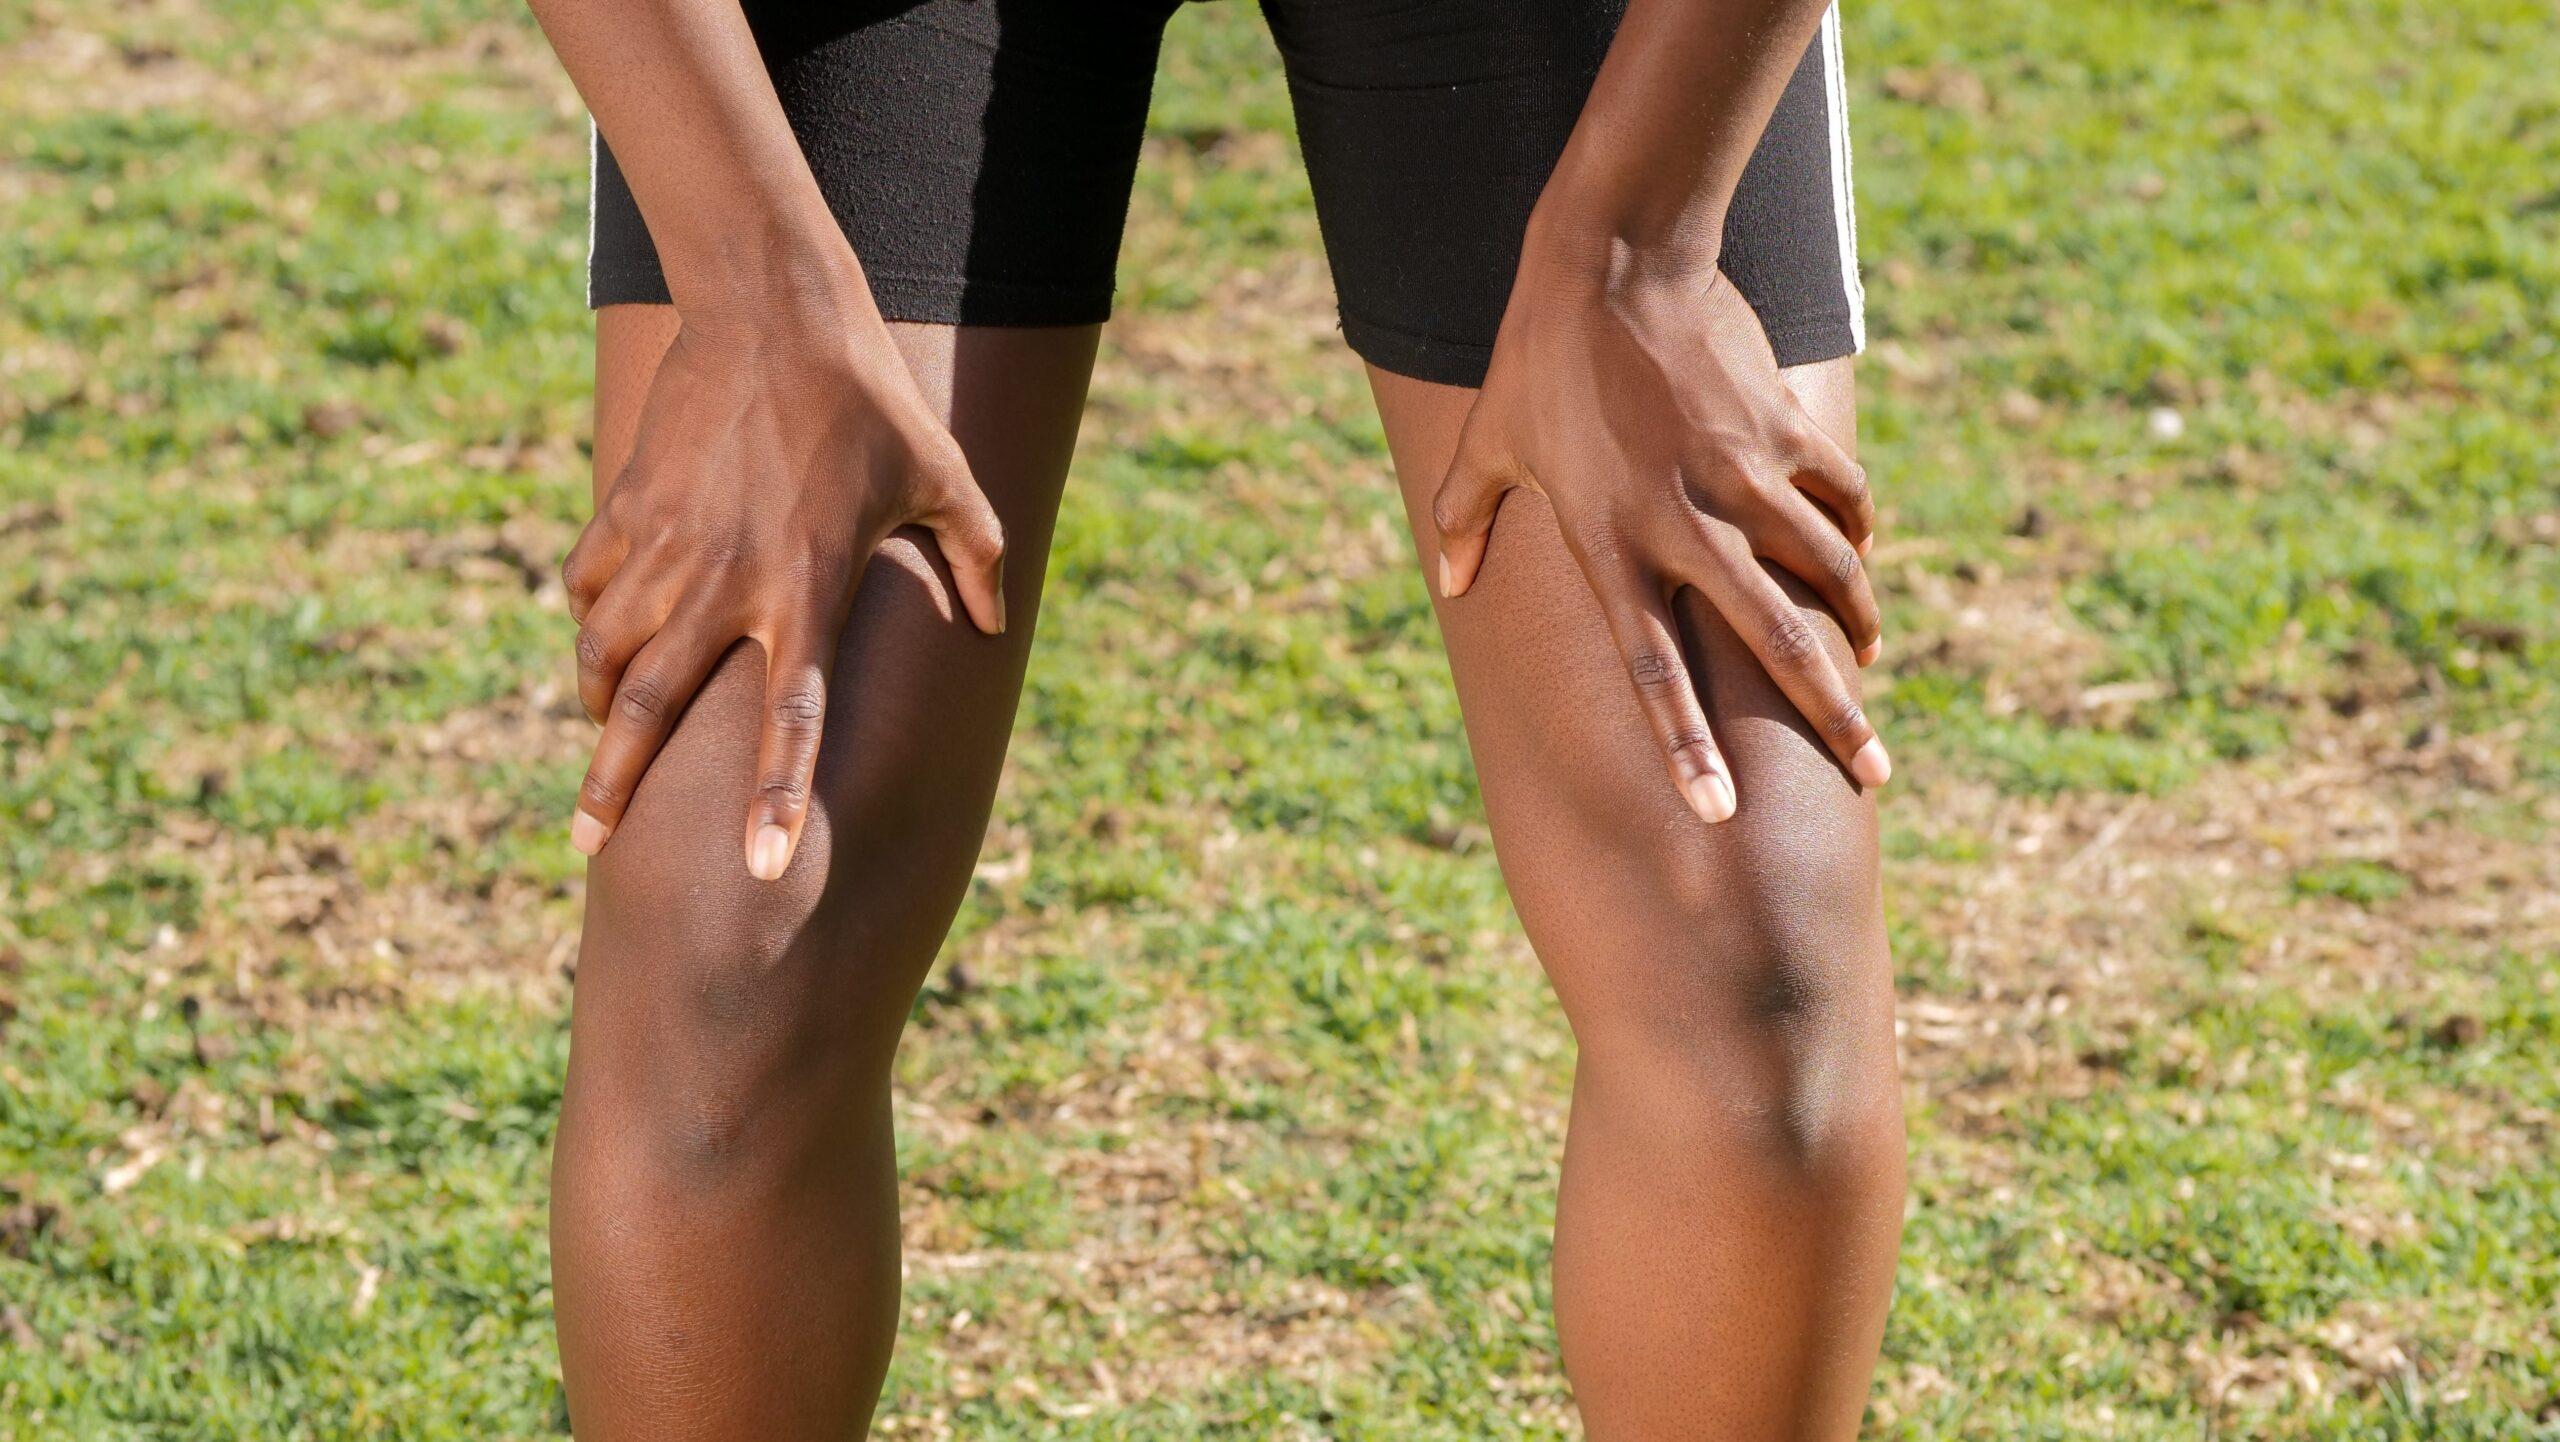 Тендинит коленного сустава: симптомы